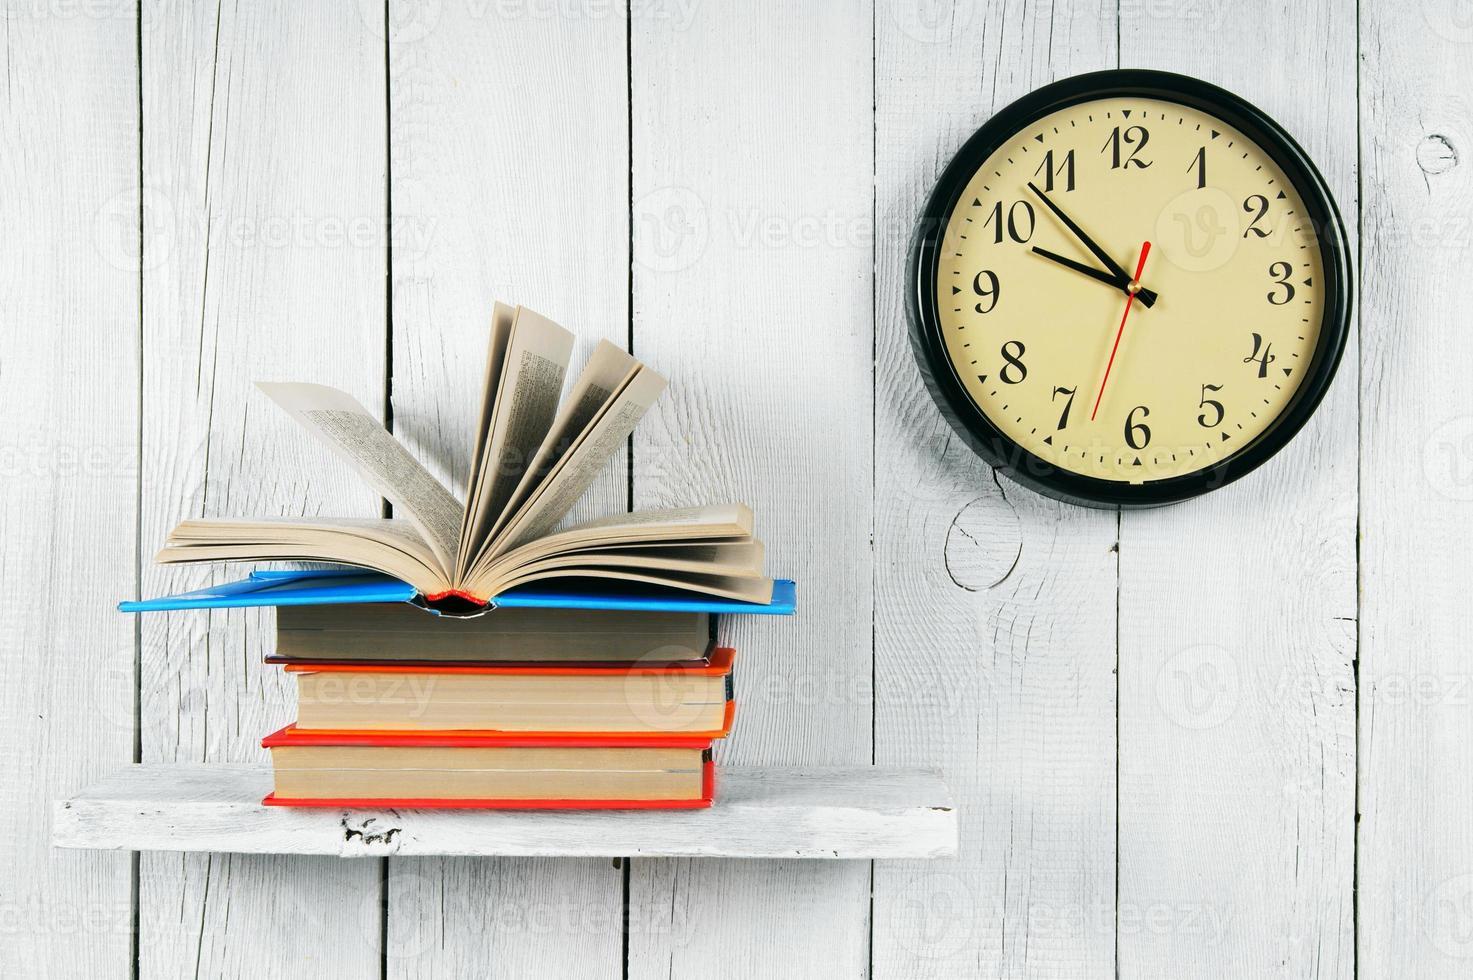 le livre ouvert sur une étagère en bois et des montres. photo